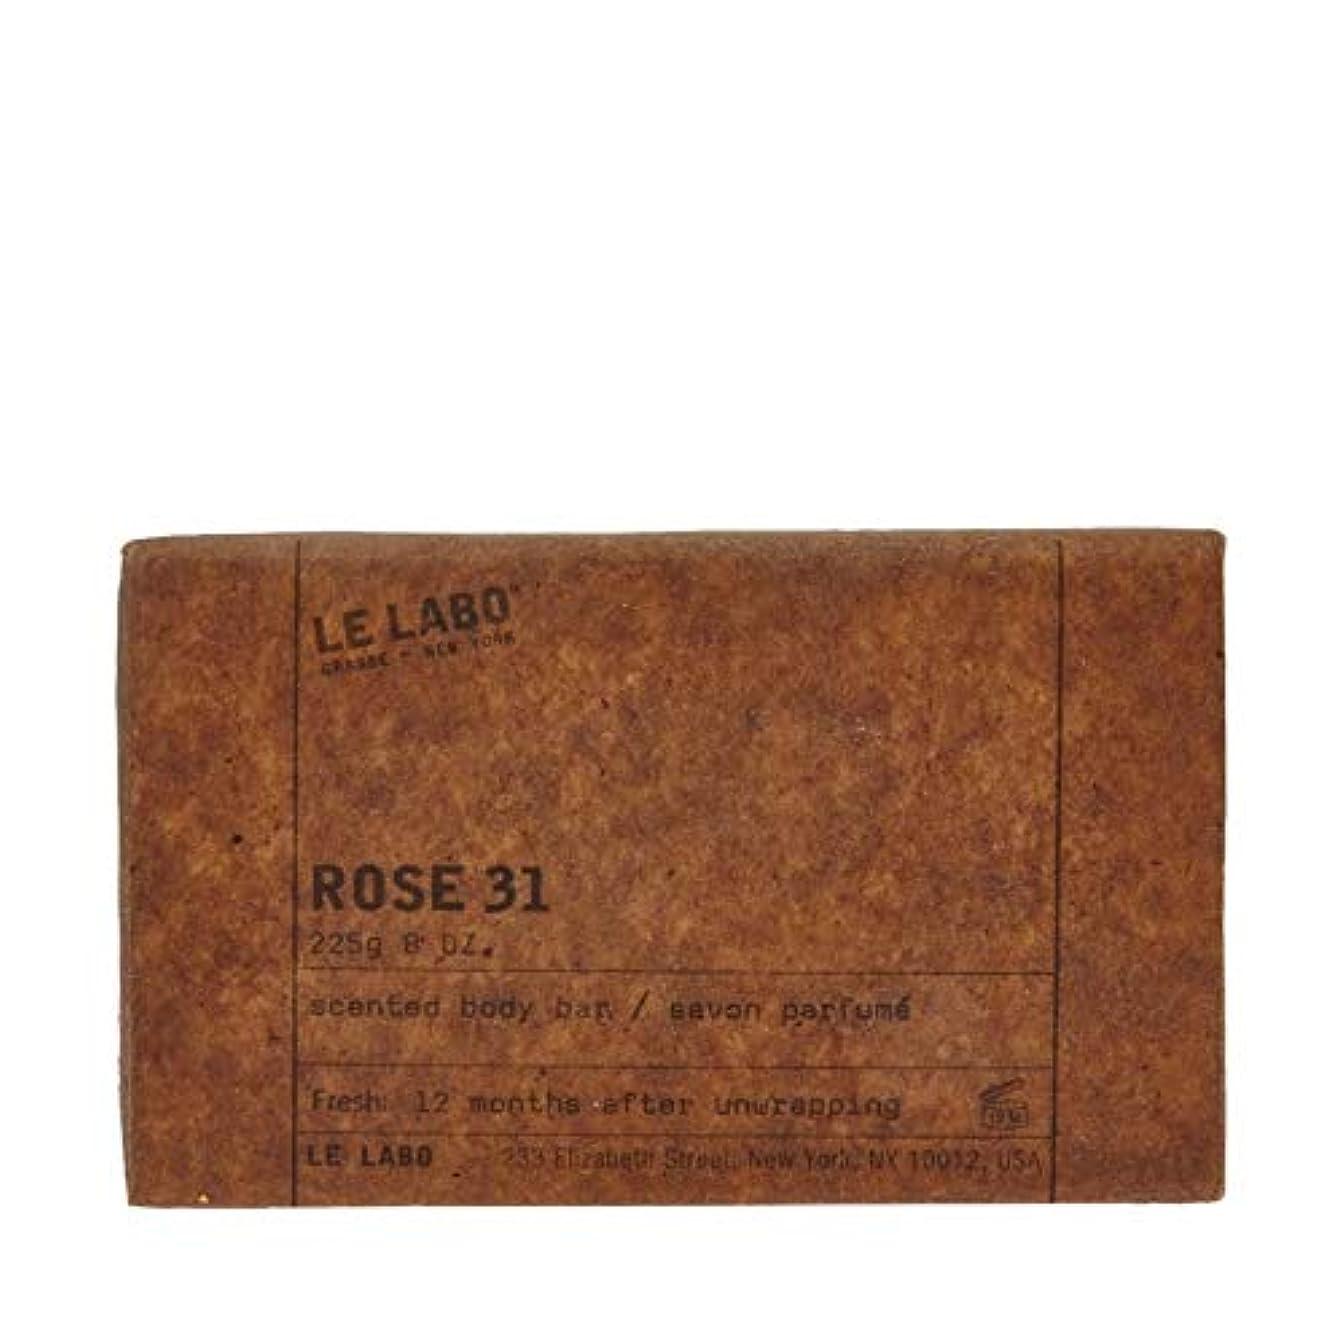 固体流出ホラー[Le Labo ] ル?ラボルラボ31石鹸の225グラムをバラ - Le Labo Le Labo Rose 31 Soap 225g [並行輸入品]